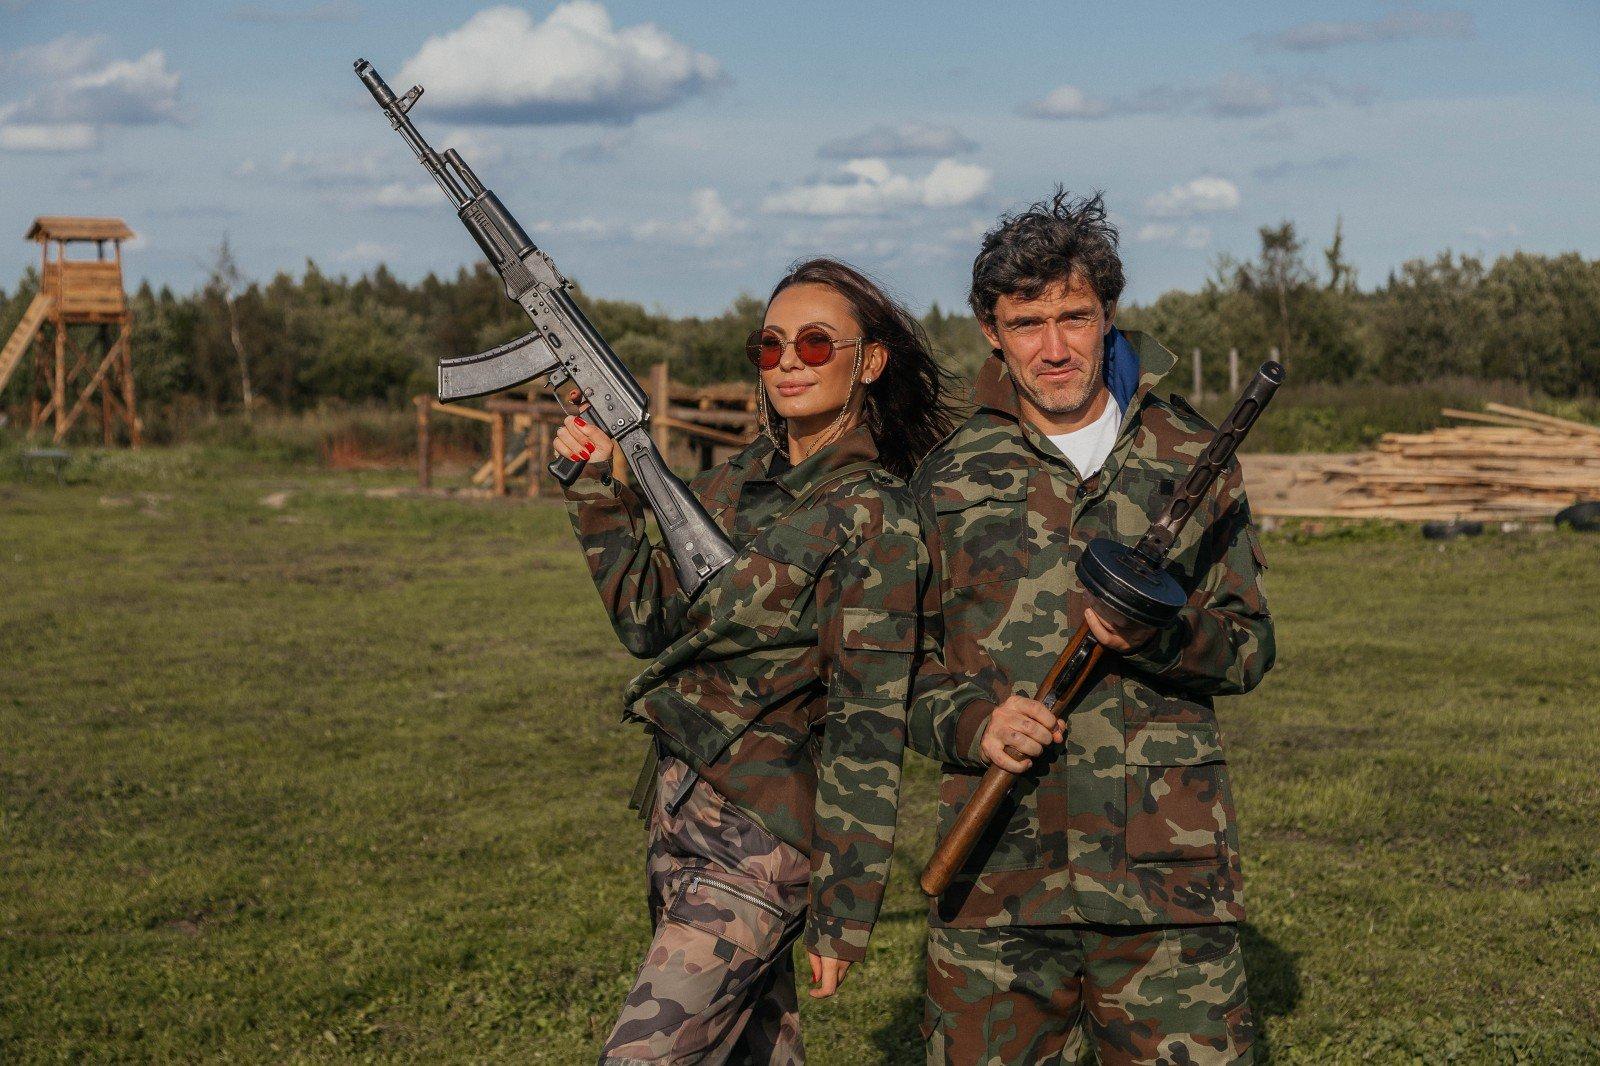 Танки, камуфляж, Калашников: Инна Жиркова устроила для мужа незабываемый день рождения